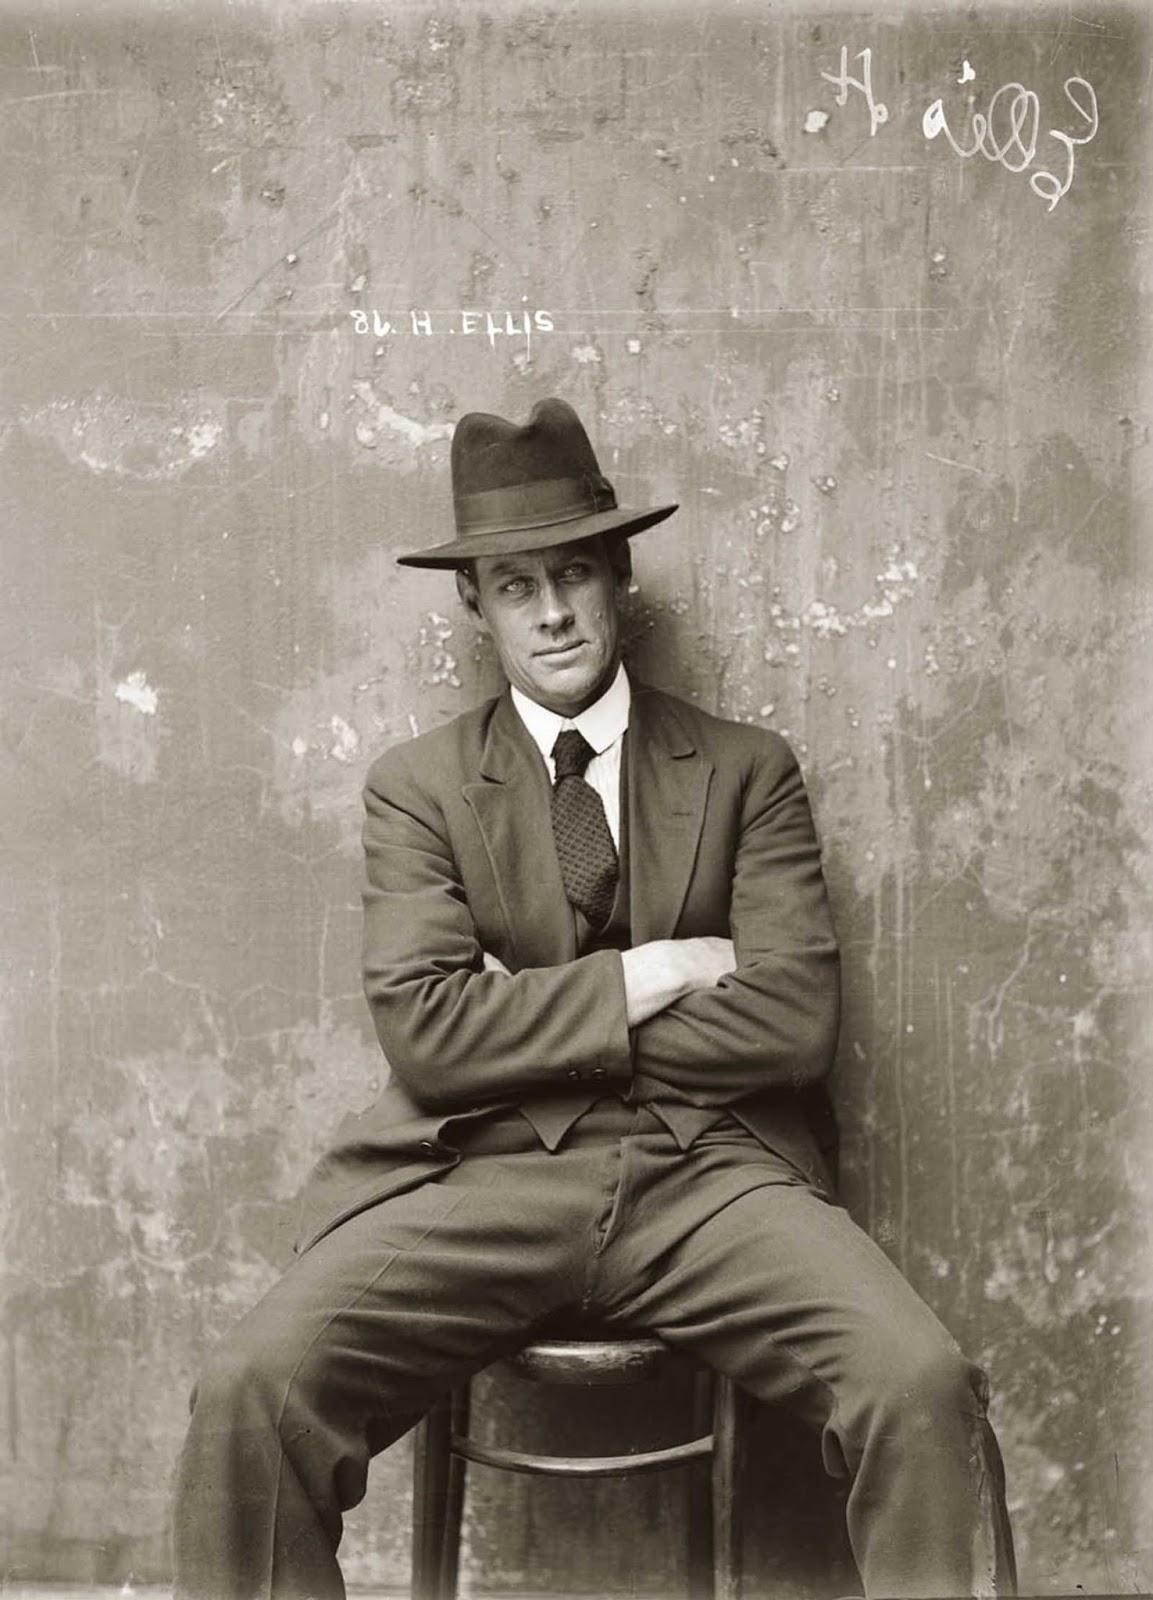 Herbert Ellis. 1920.